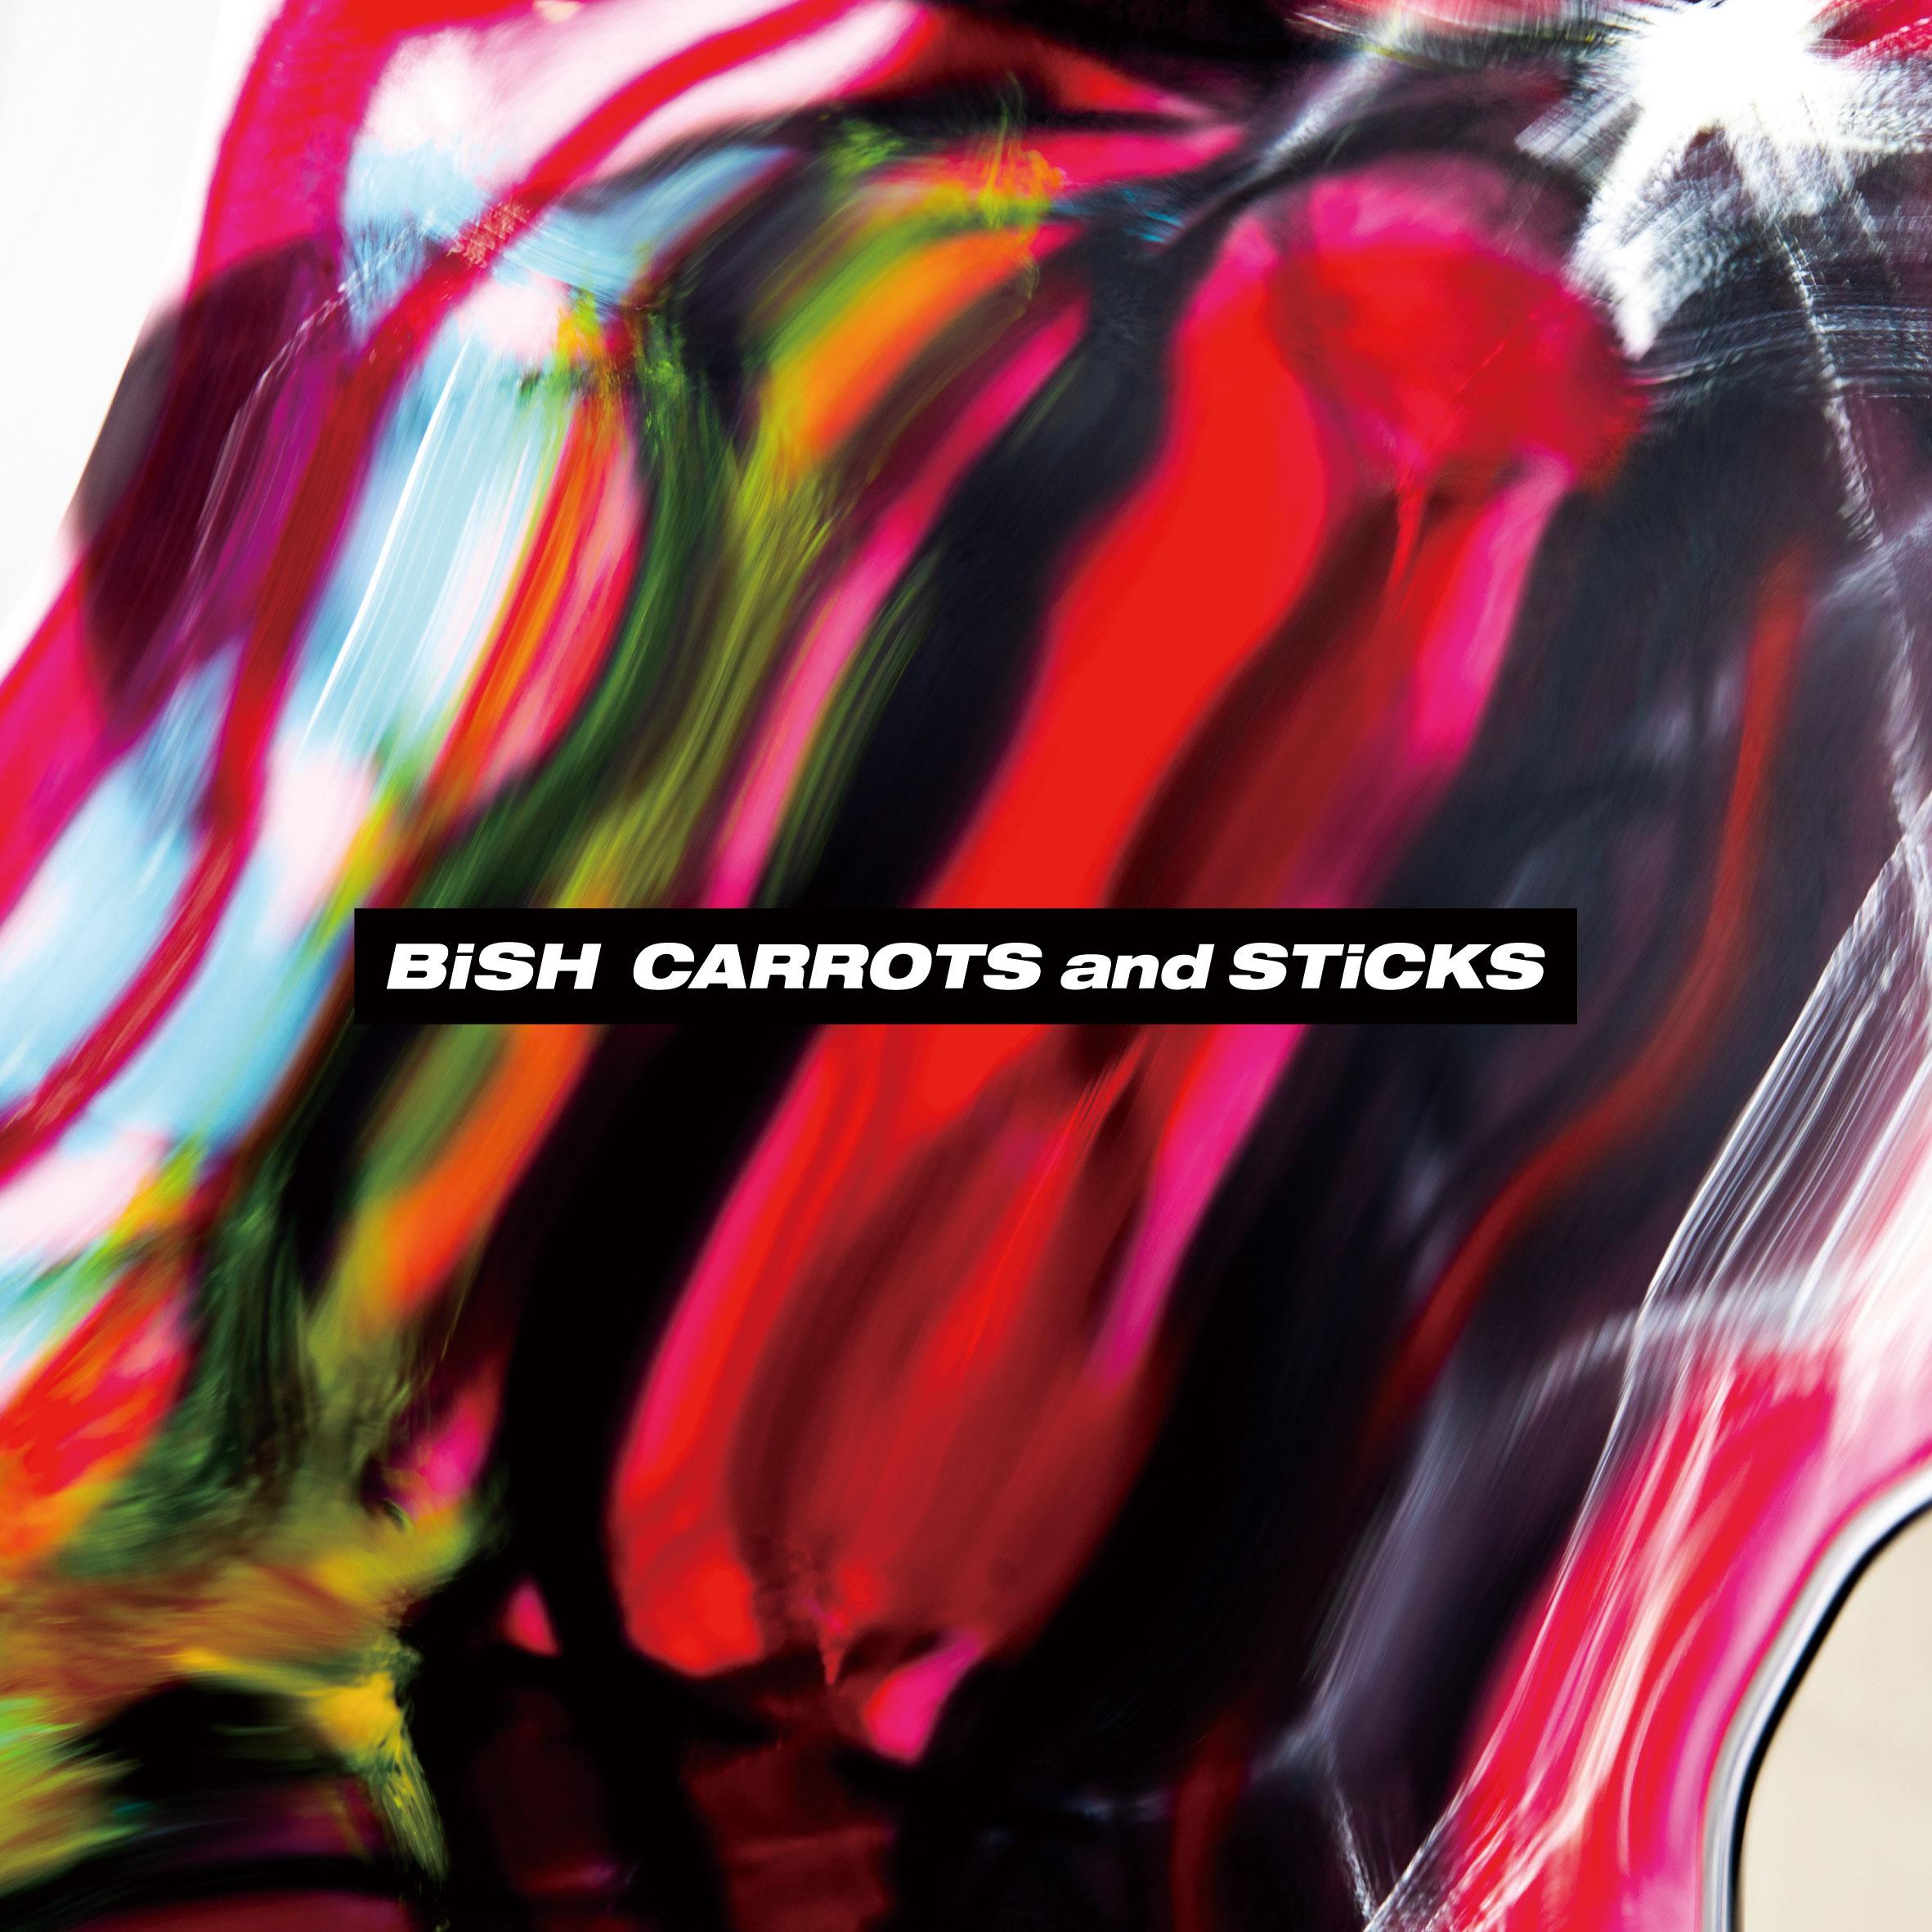 BiSHのメジャー3rdアルバム『CARROTS and STiCKS』をリリース!